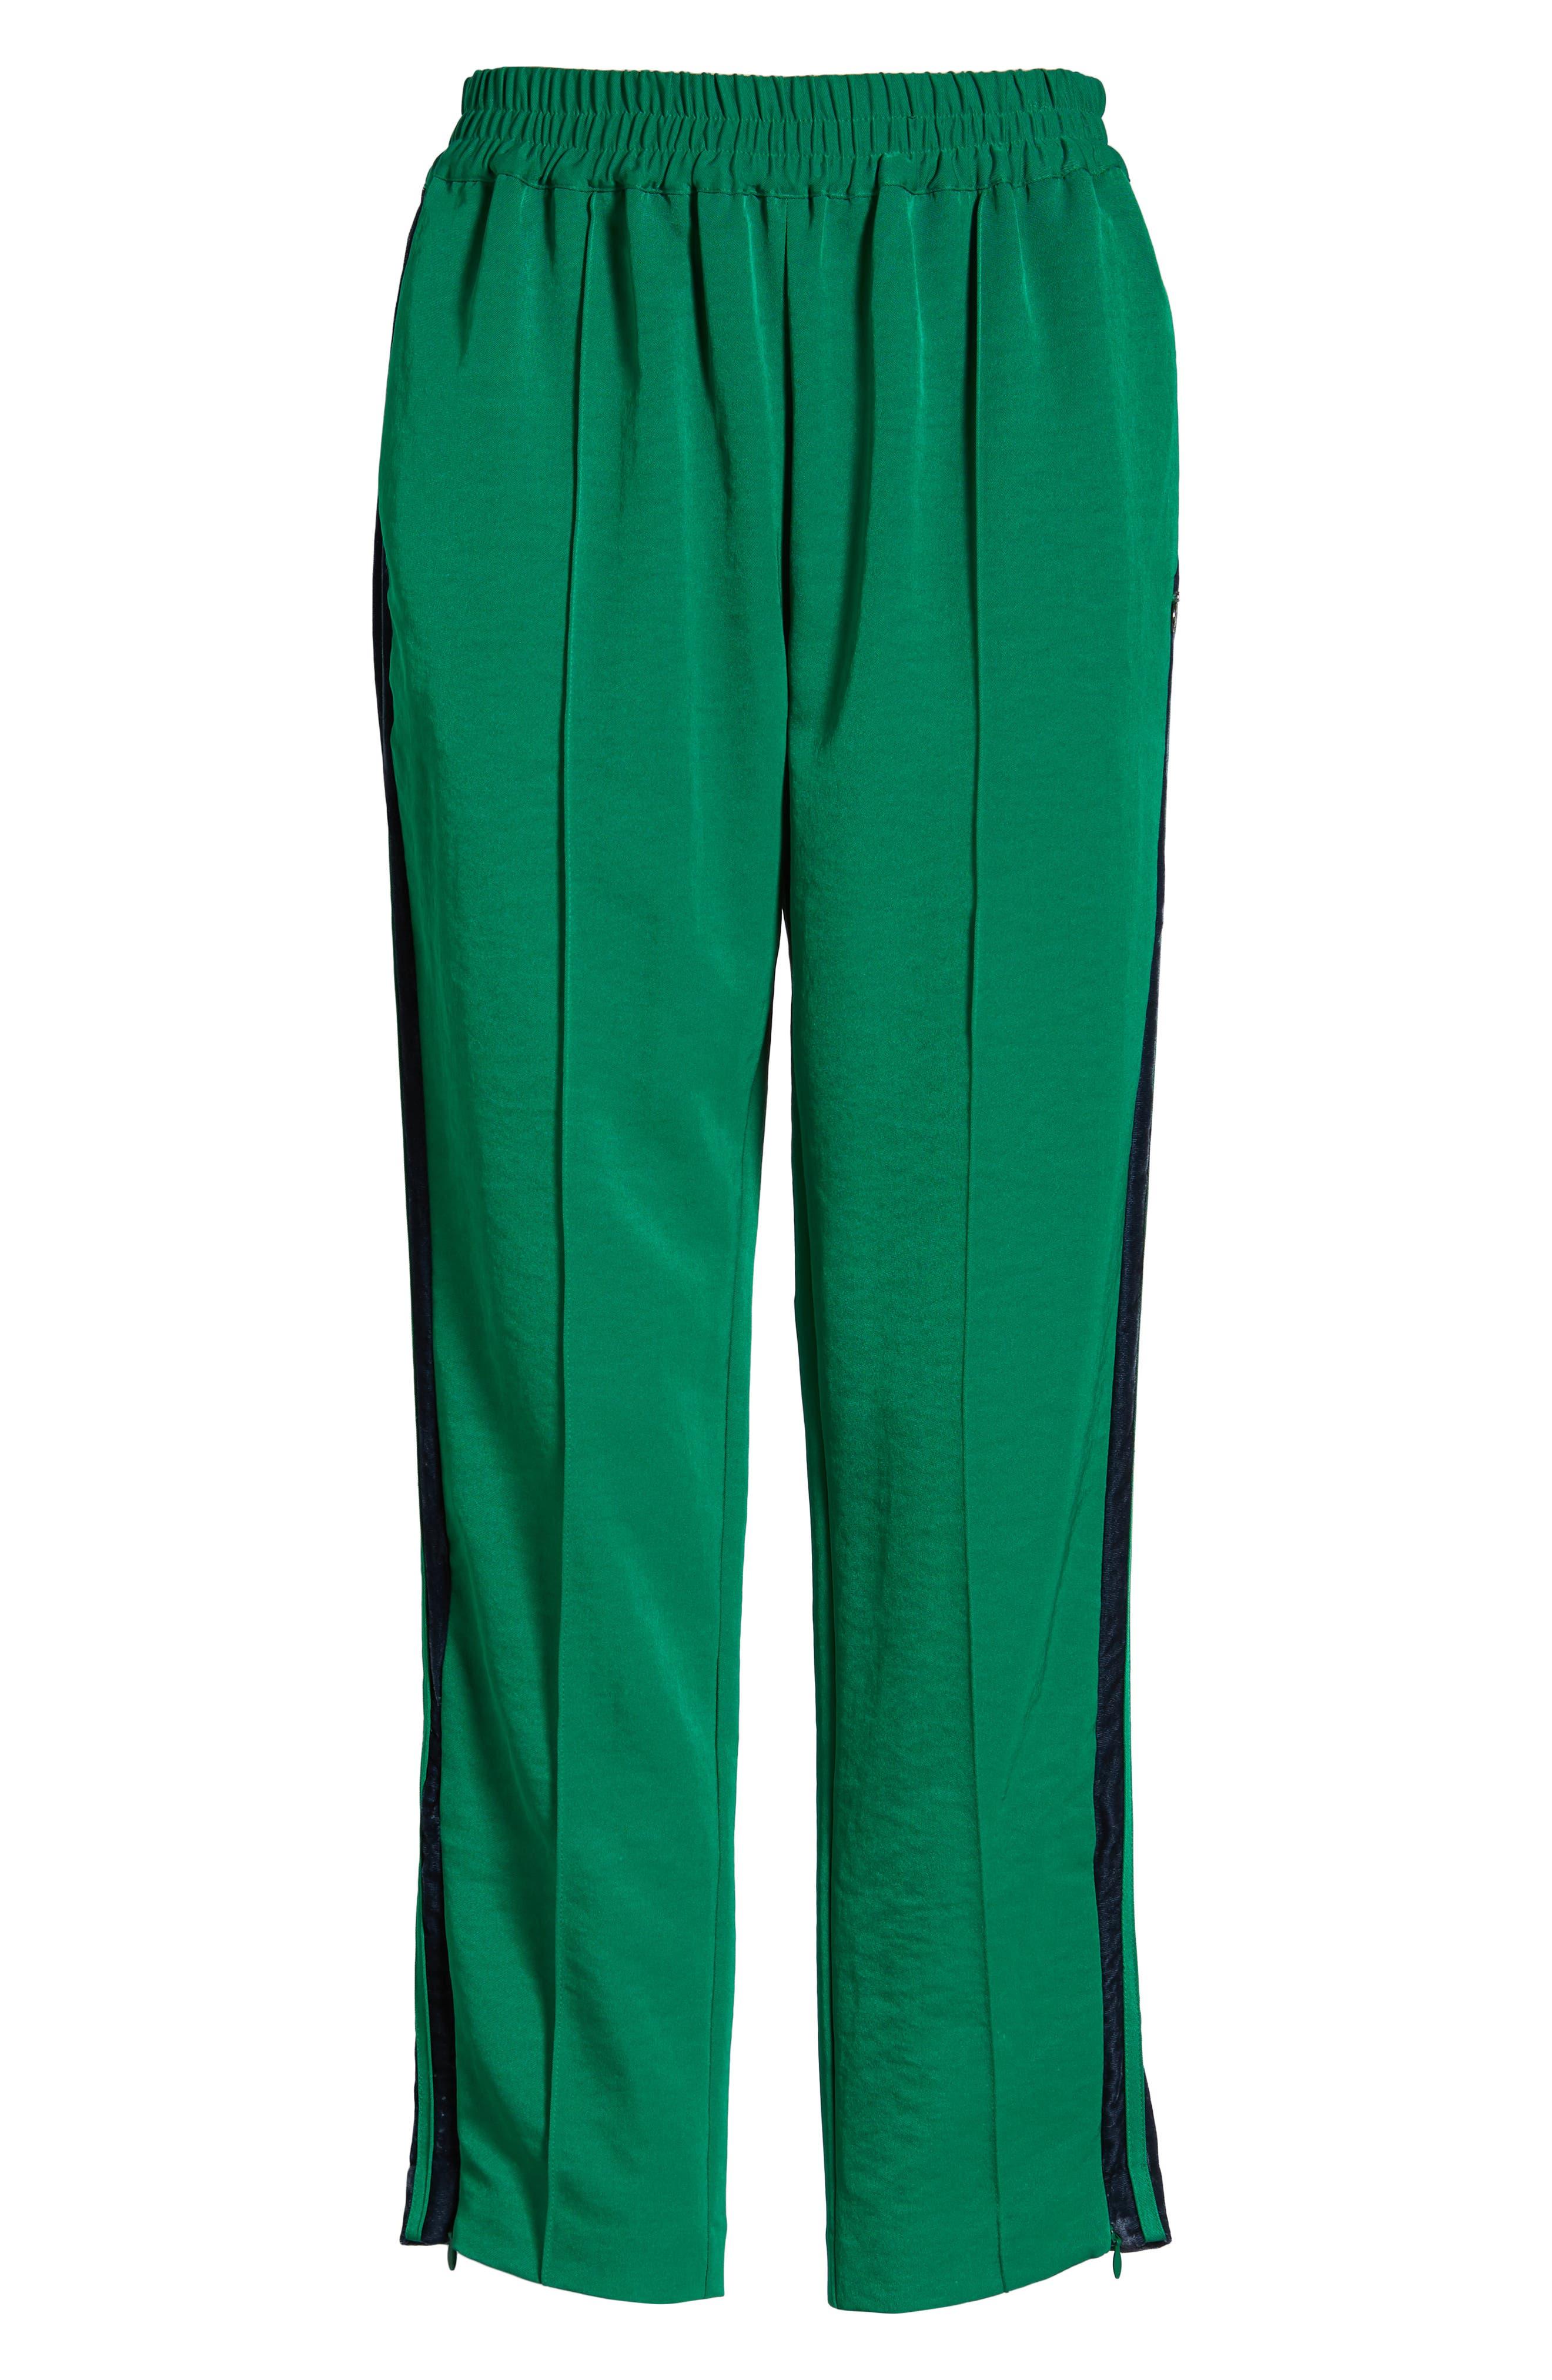 Velvet Stripe Satin Track Pants,                             Alternate thumbnail 6, color,                             310